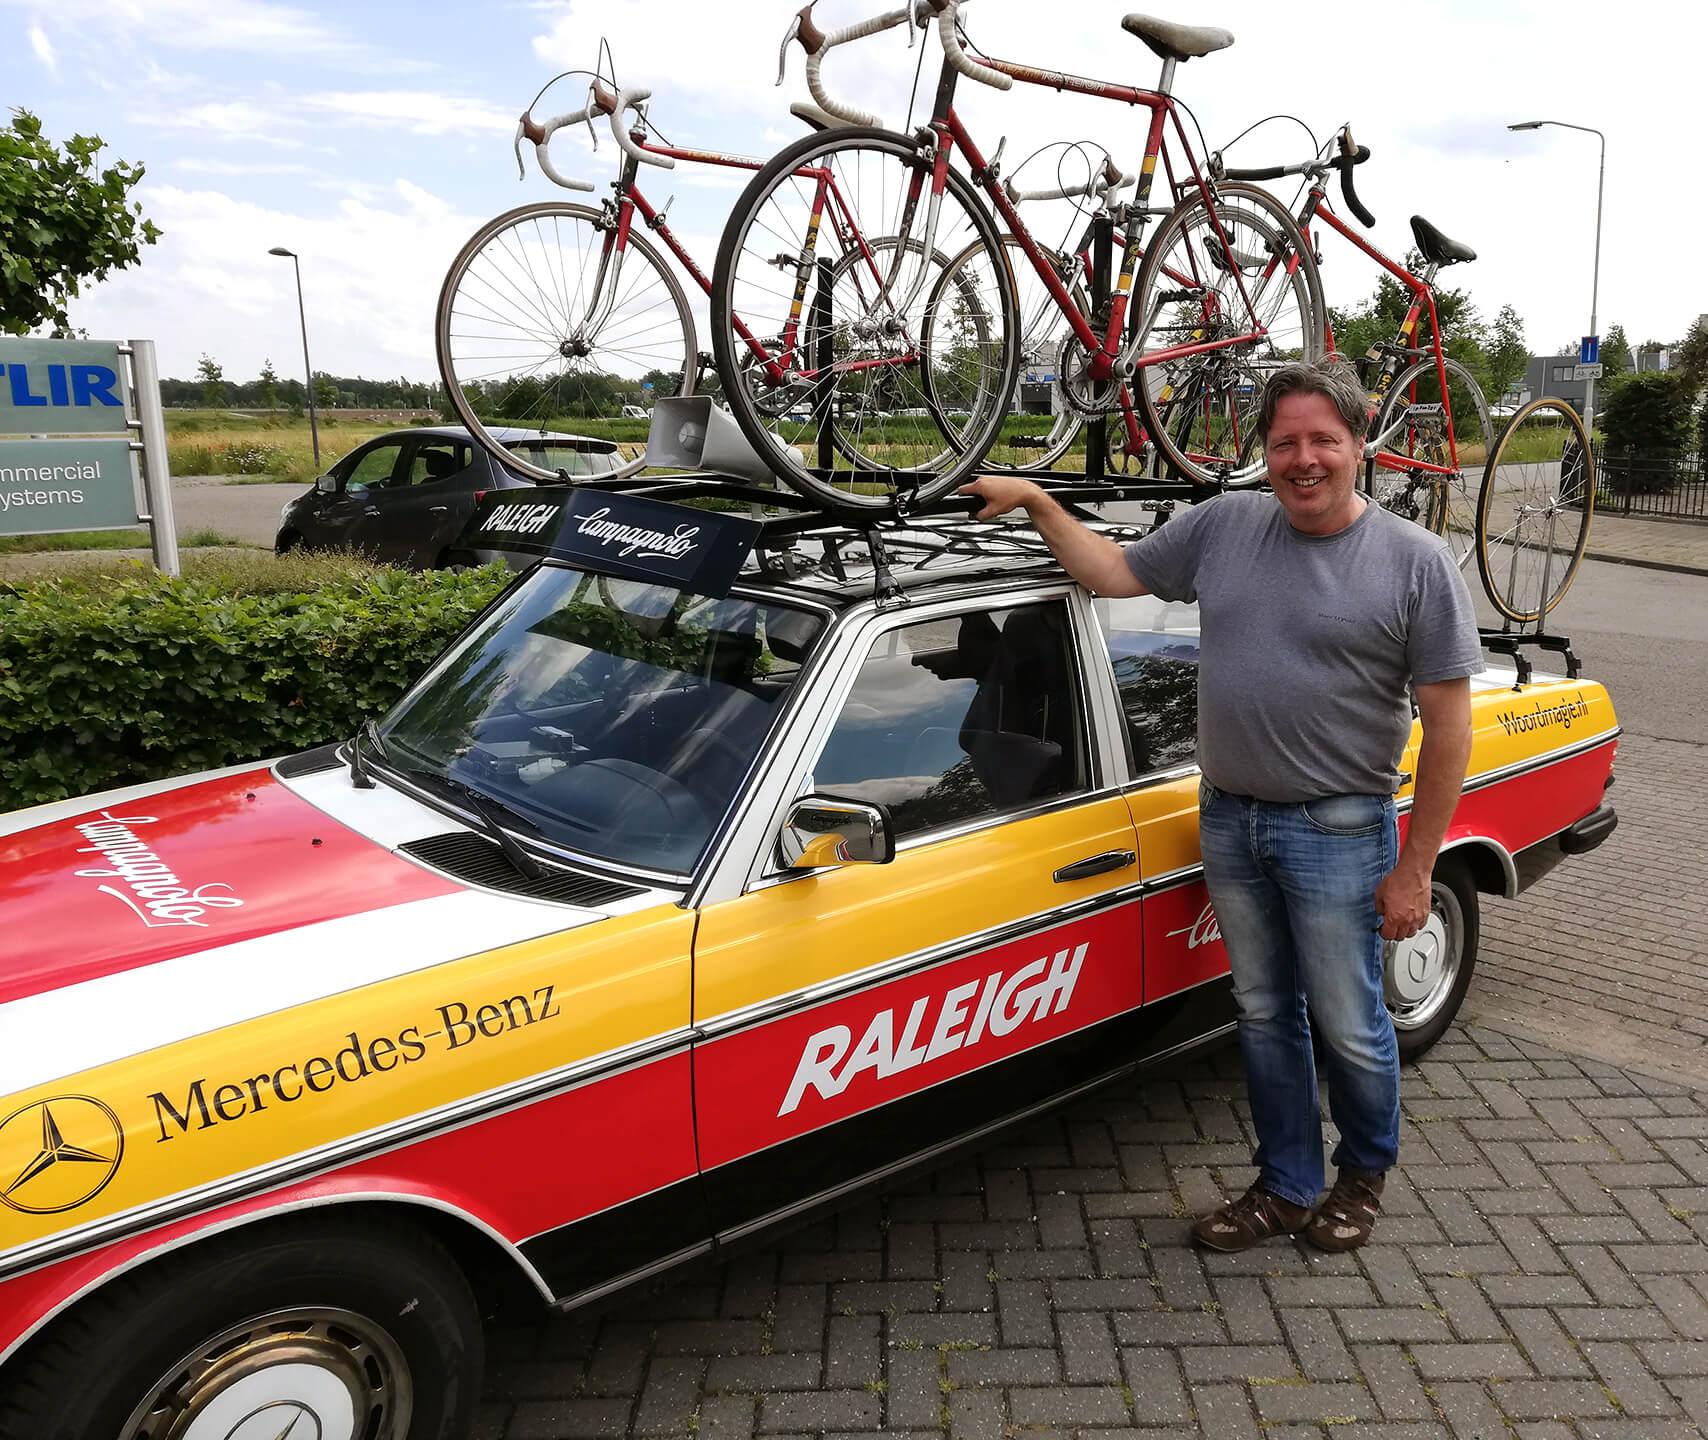 Raleigh ploegleidersauto John van Ierland